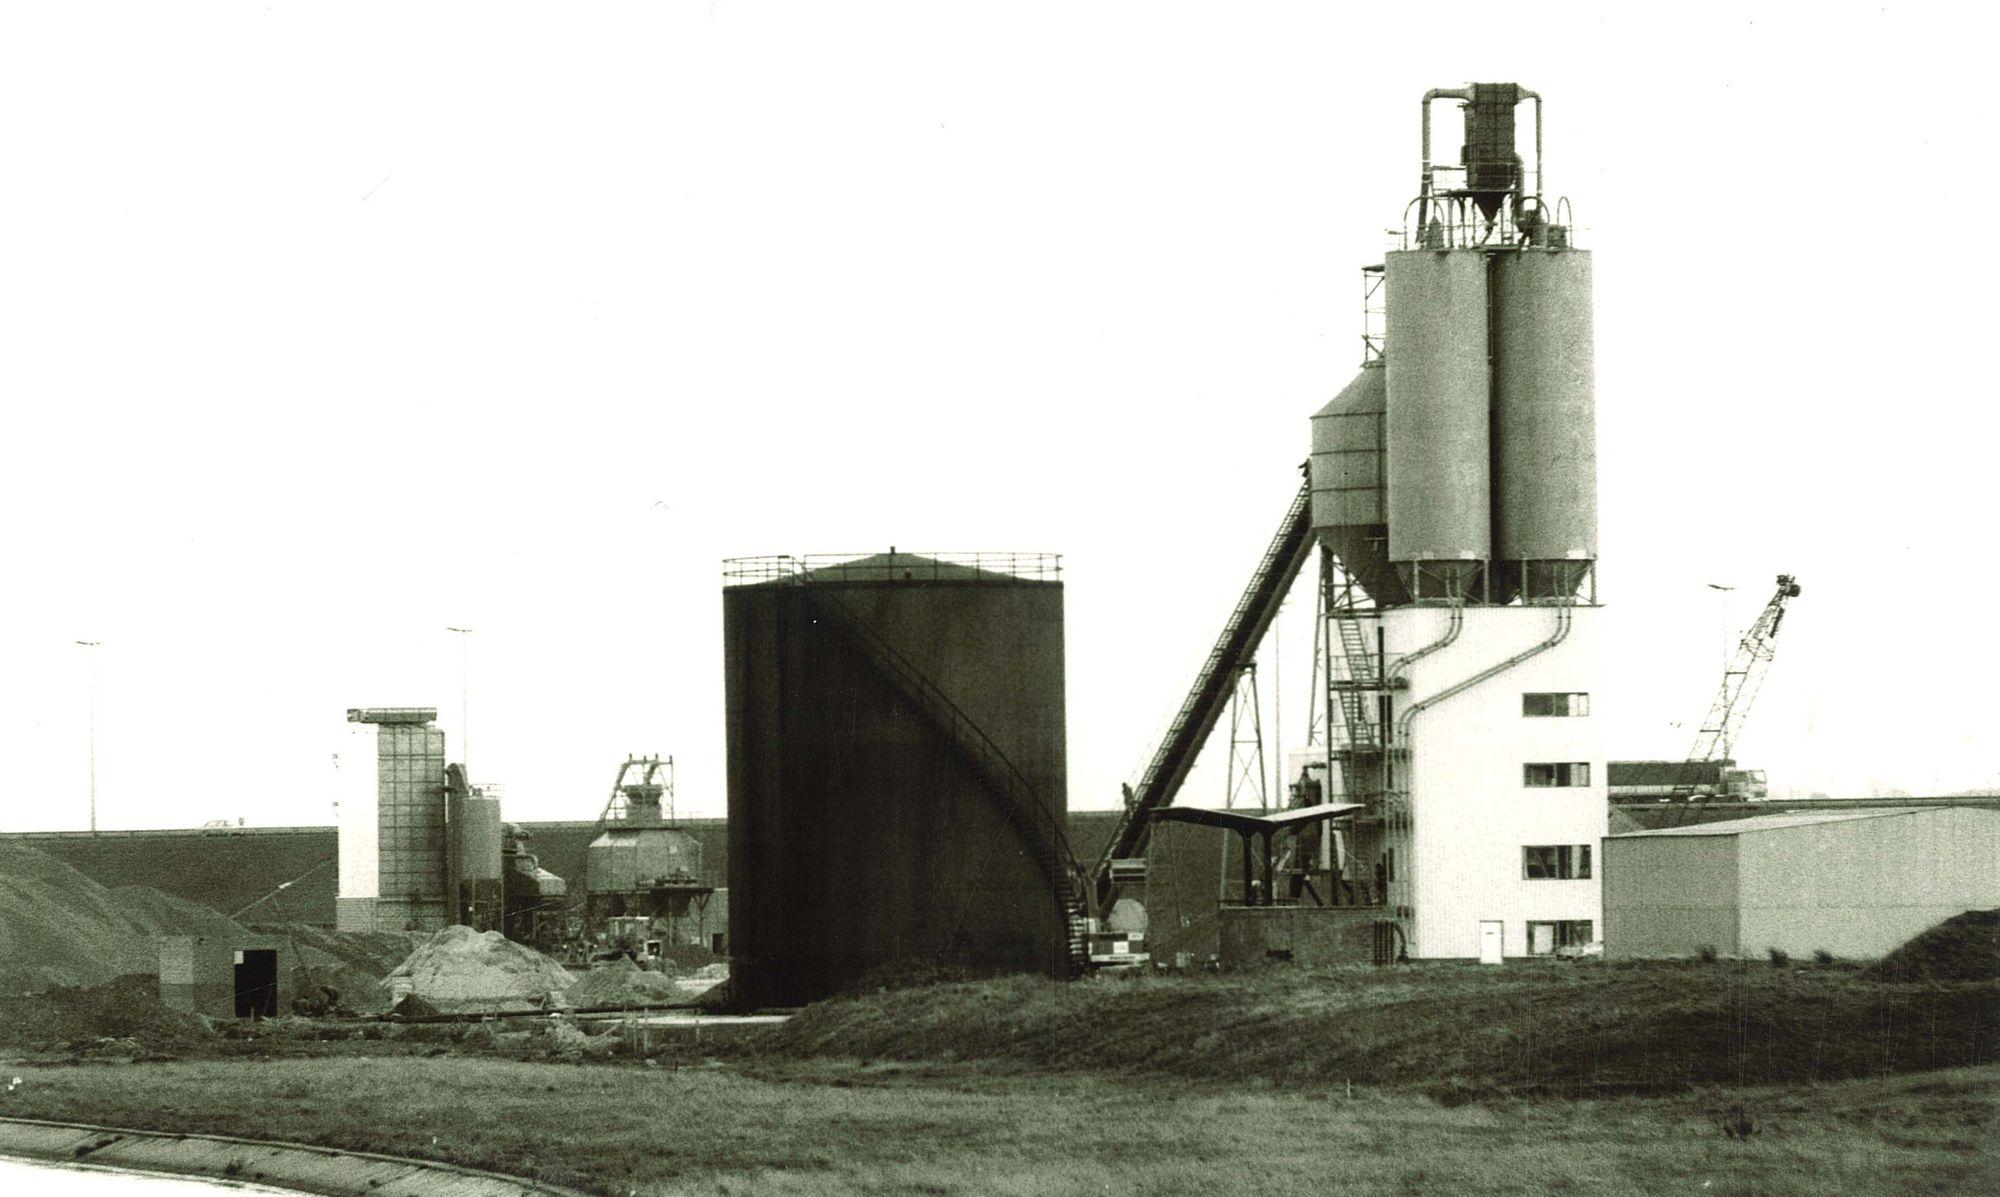 Betoncentrale van de firma Despriet 1975